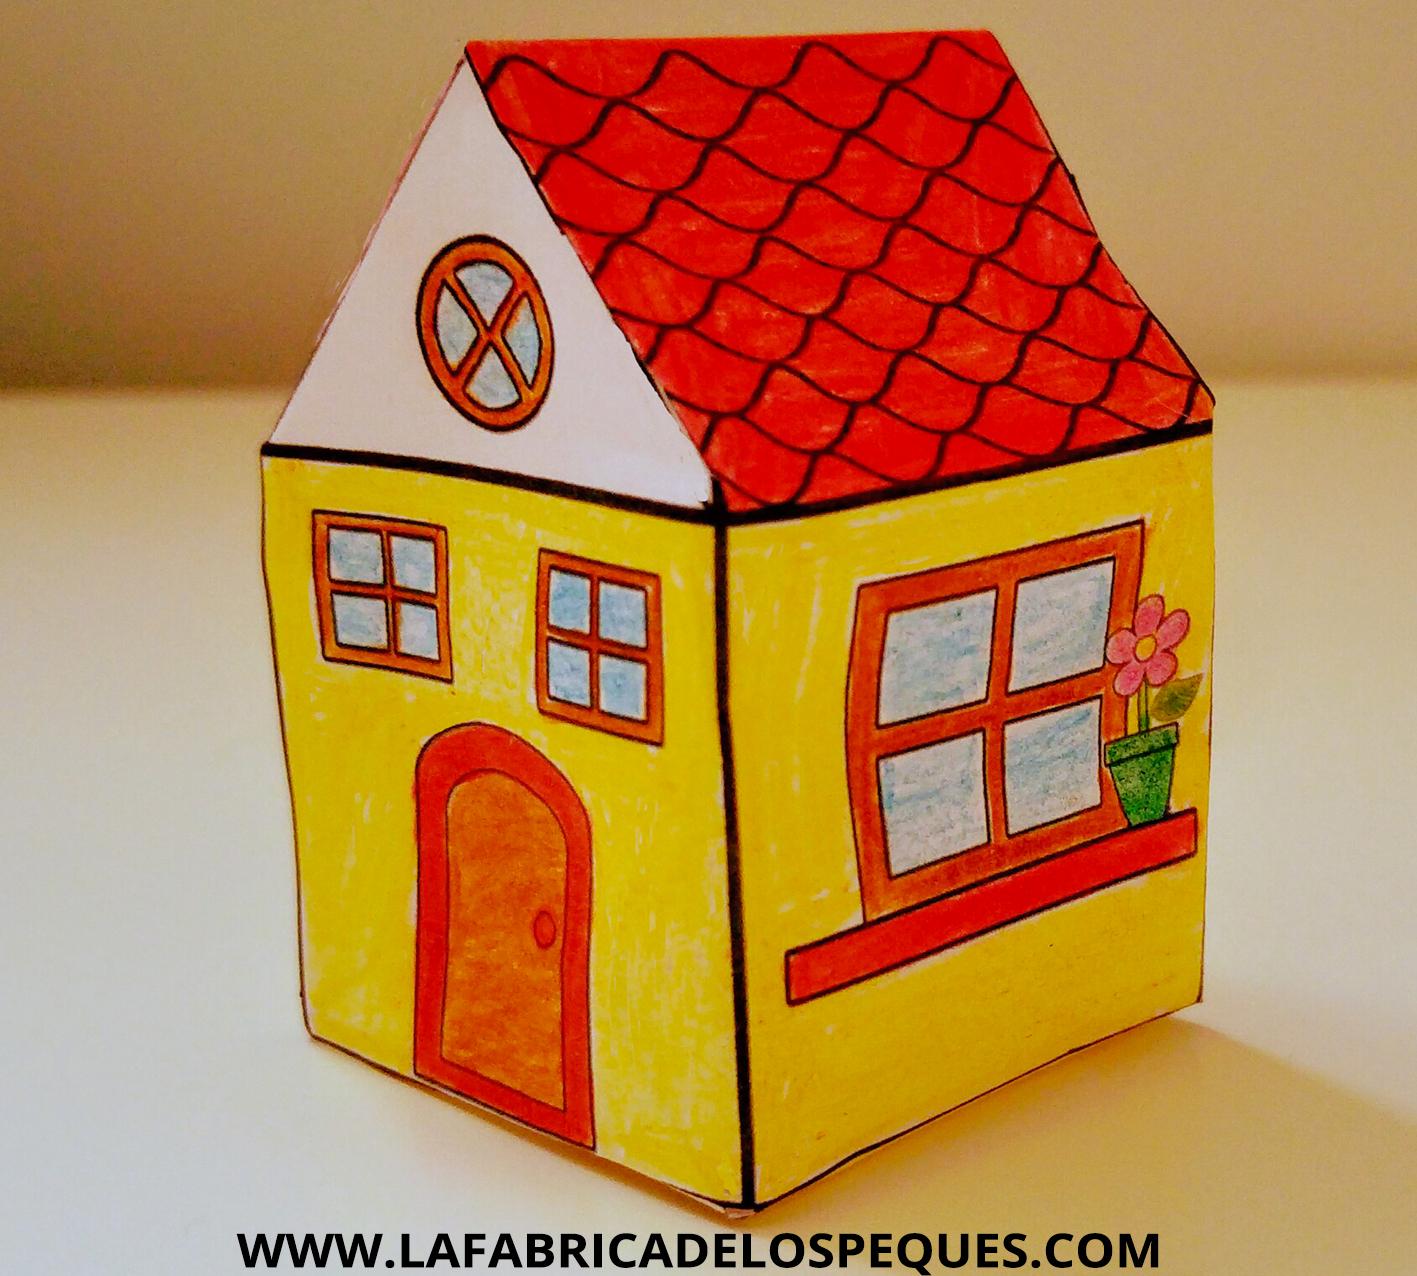 Manualidades Infantiles Casas Imprimibles La Fabrica De Los Peques - Casa-de-manualidades